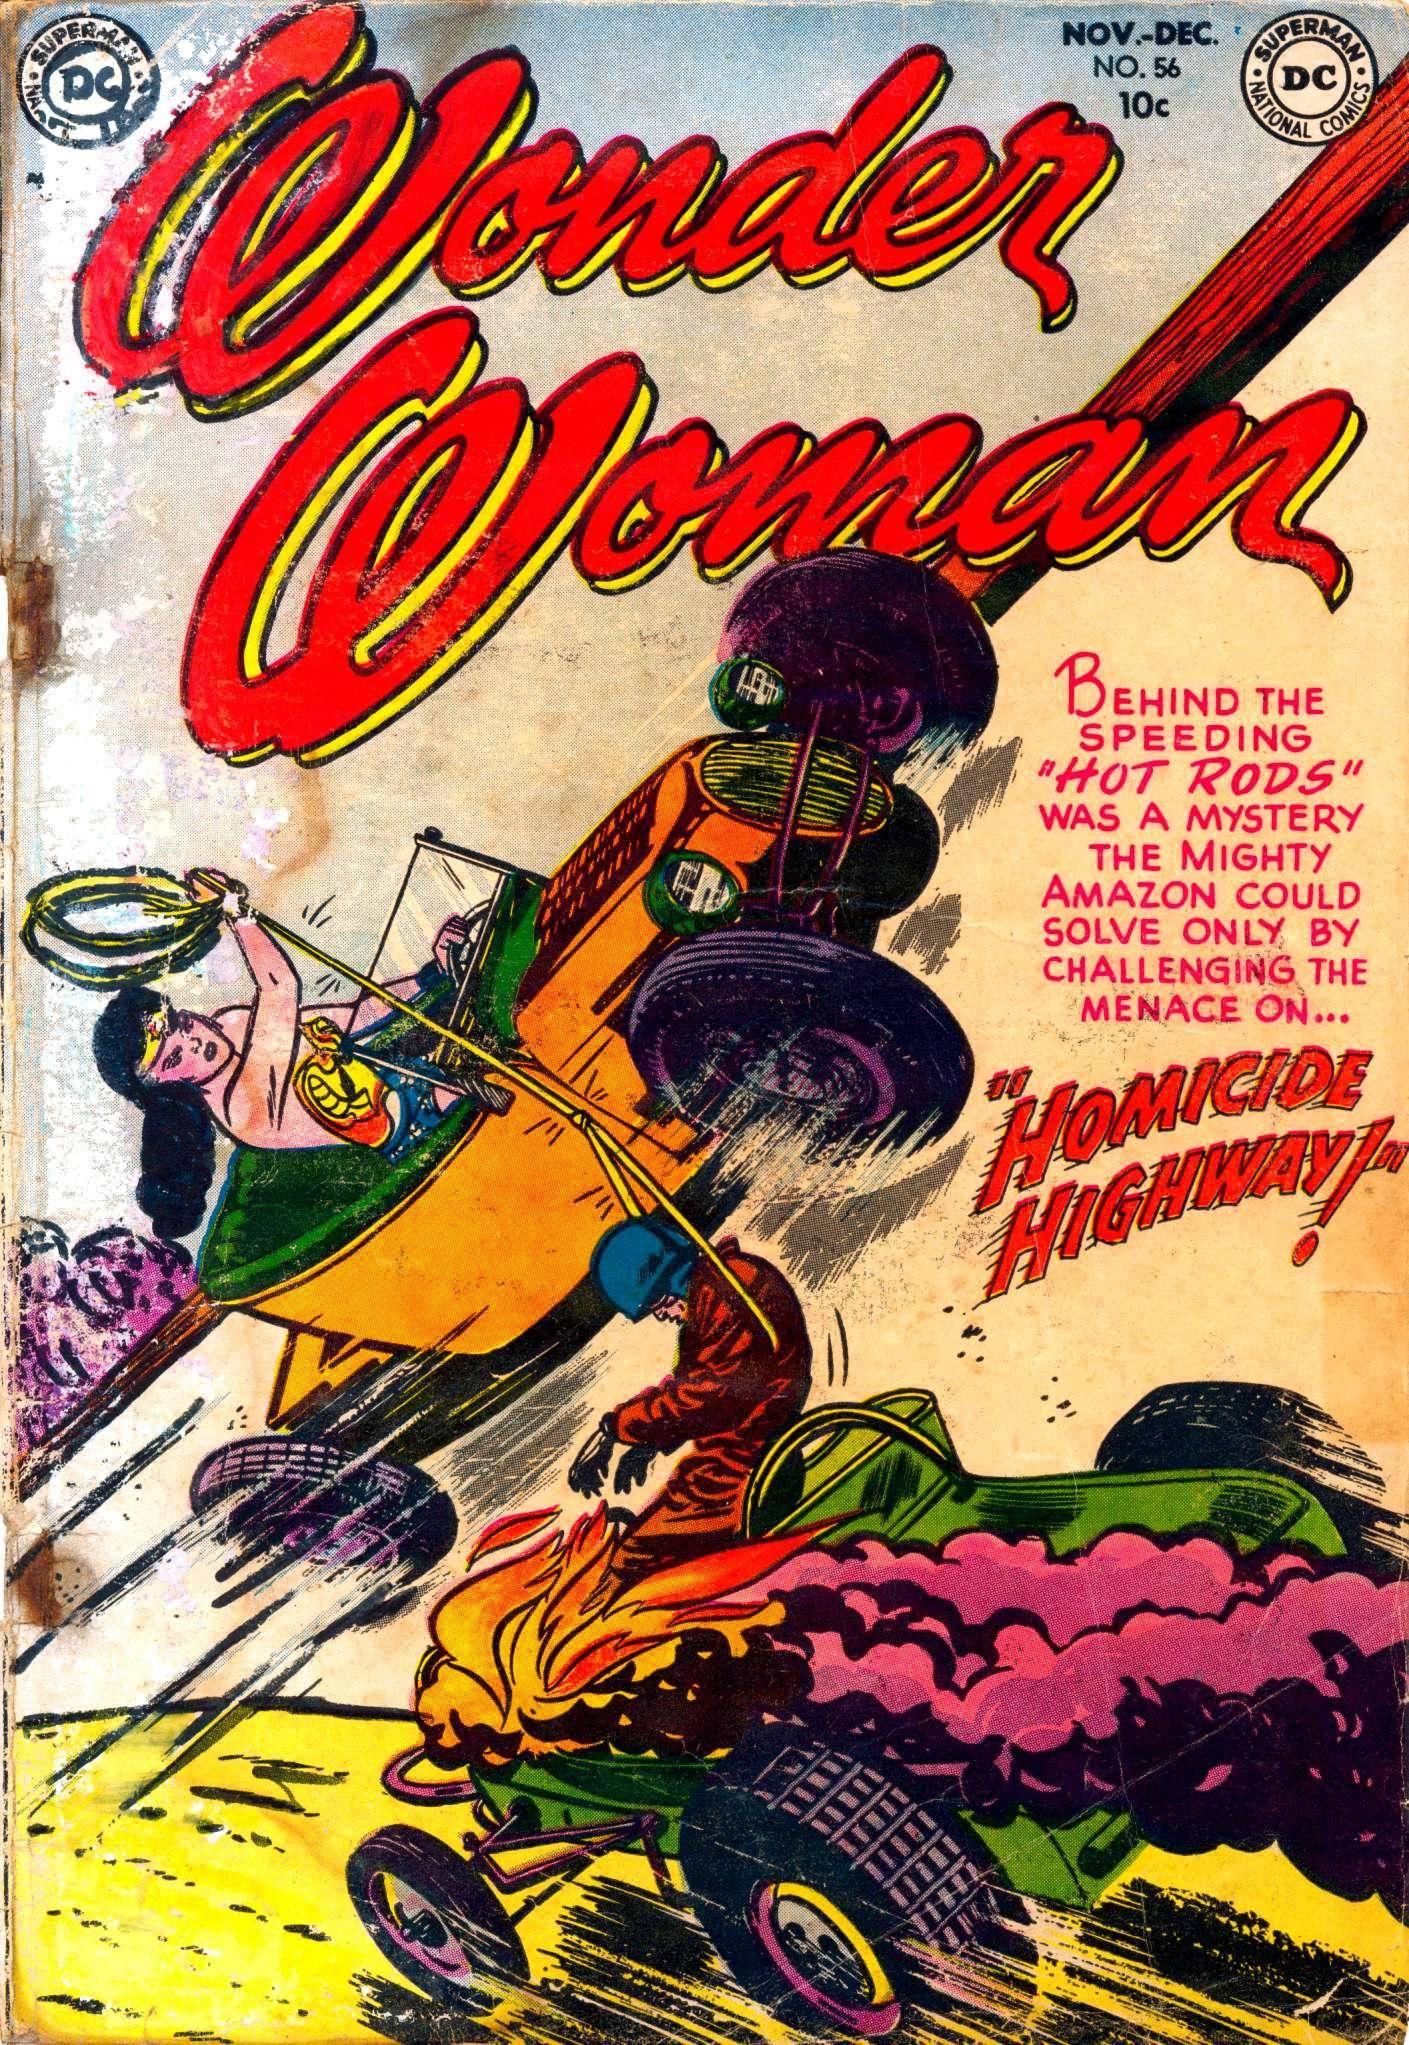 For Horby Wonder Woman v1 056 cbr